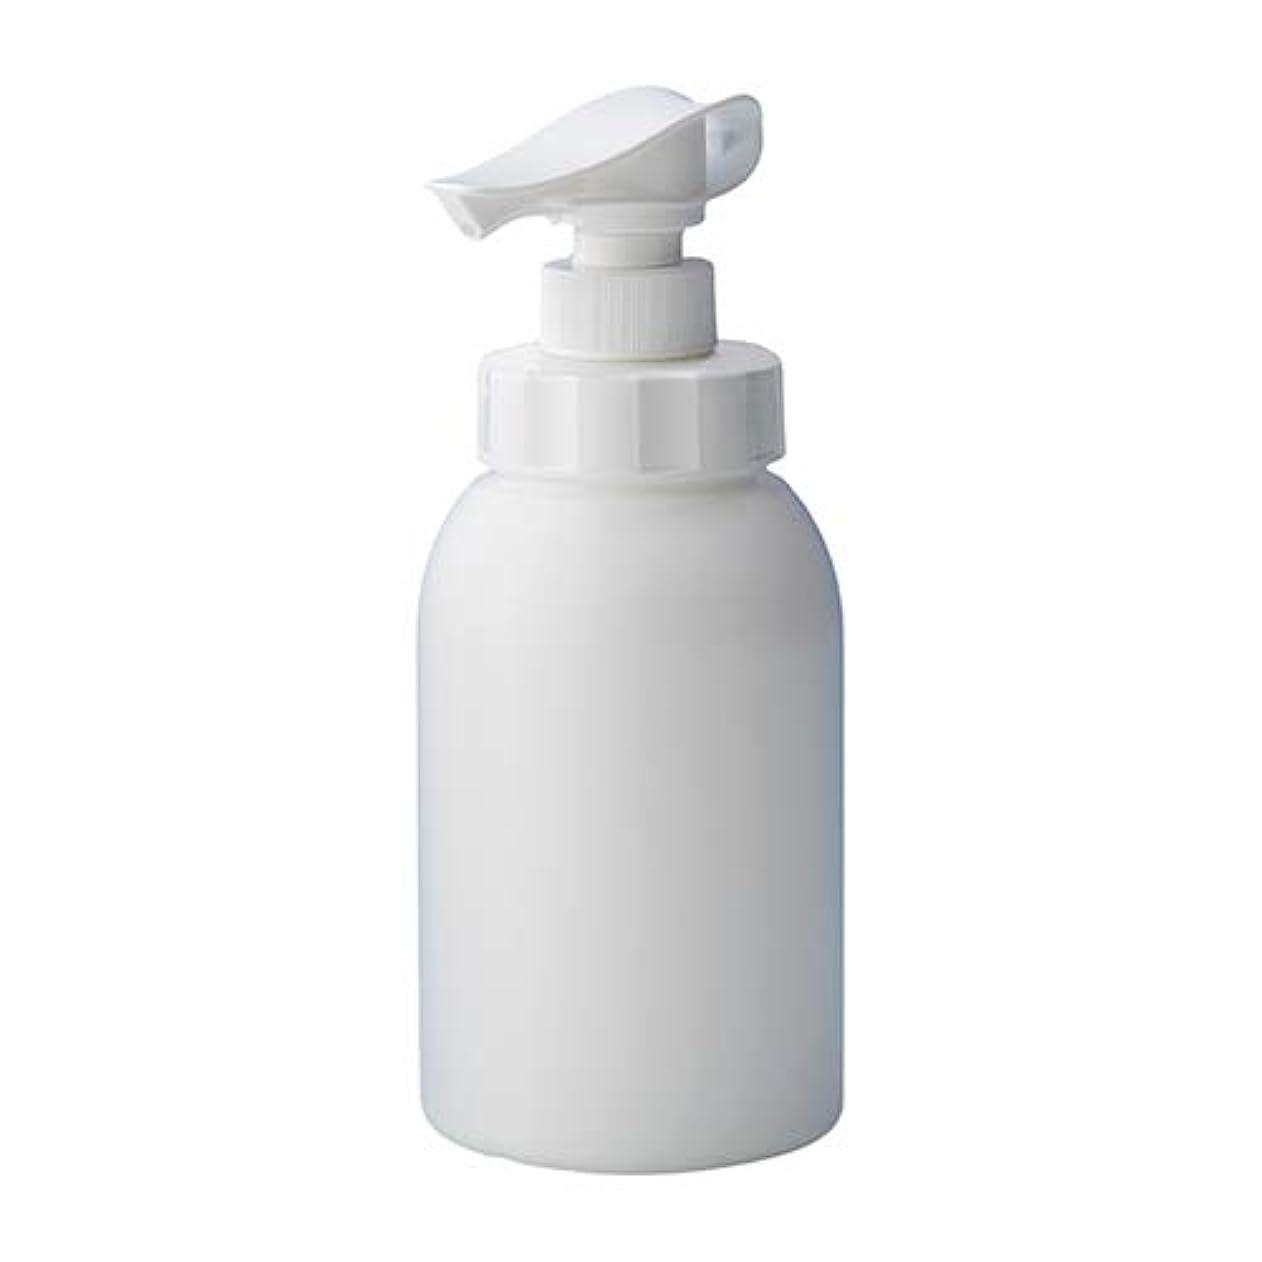 値ほめるこんにちは安定感のある ポンプボトル シャンプー コンディショナー リンス ボディソープ ハンドソープ 600ml詰め替え容器 ホワイト 10個セット